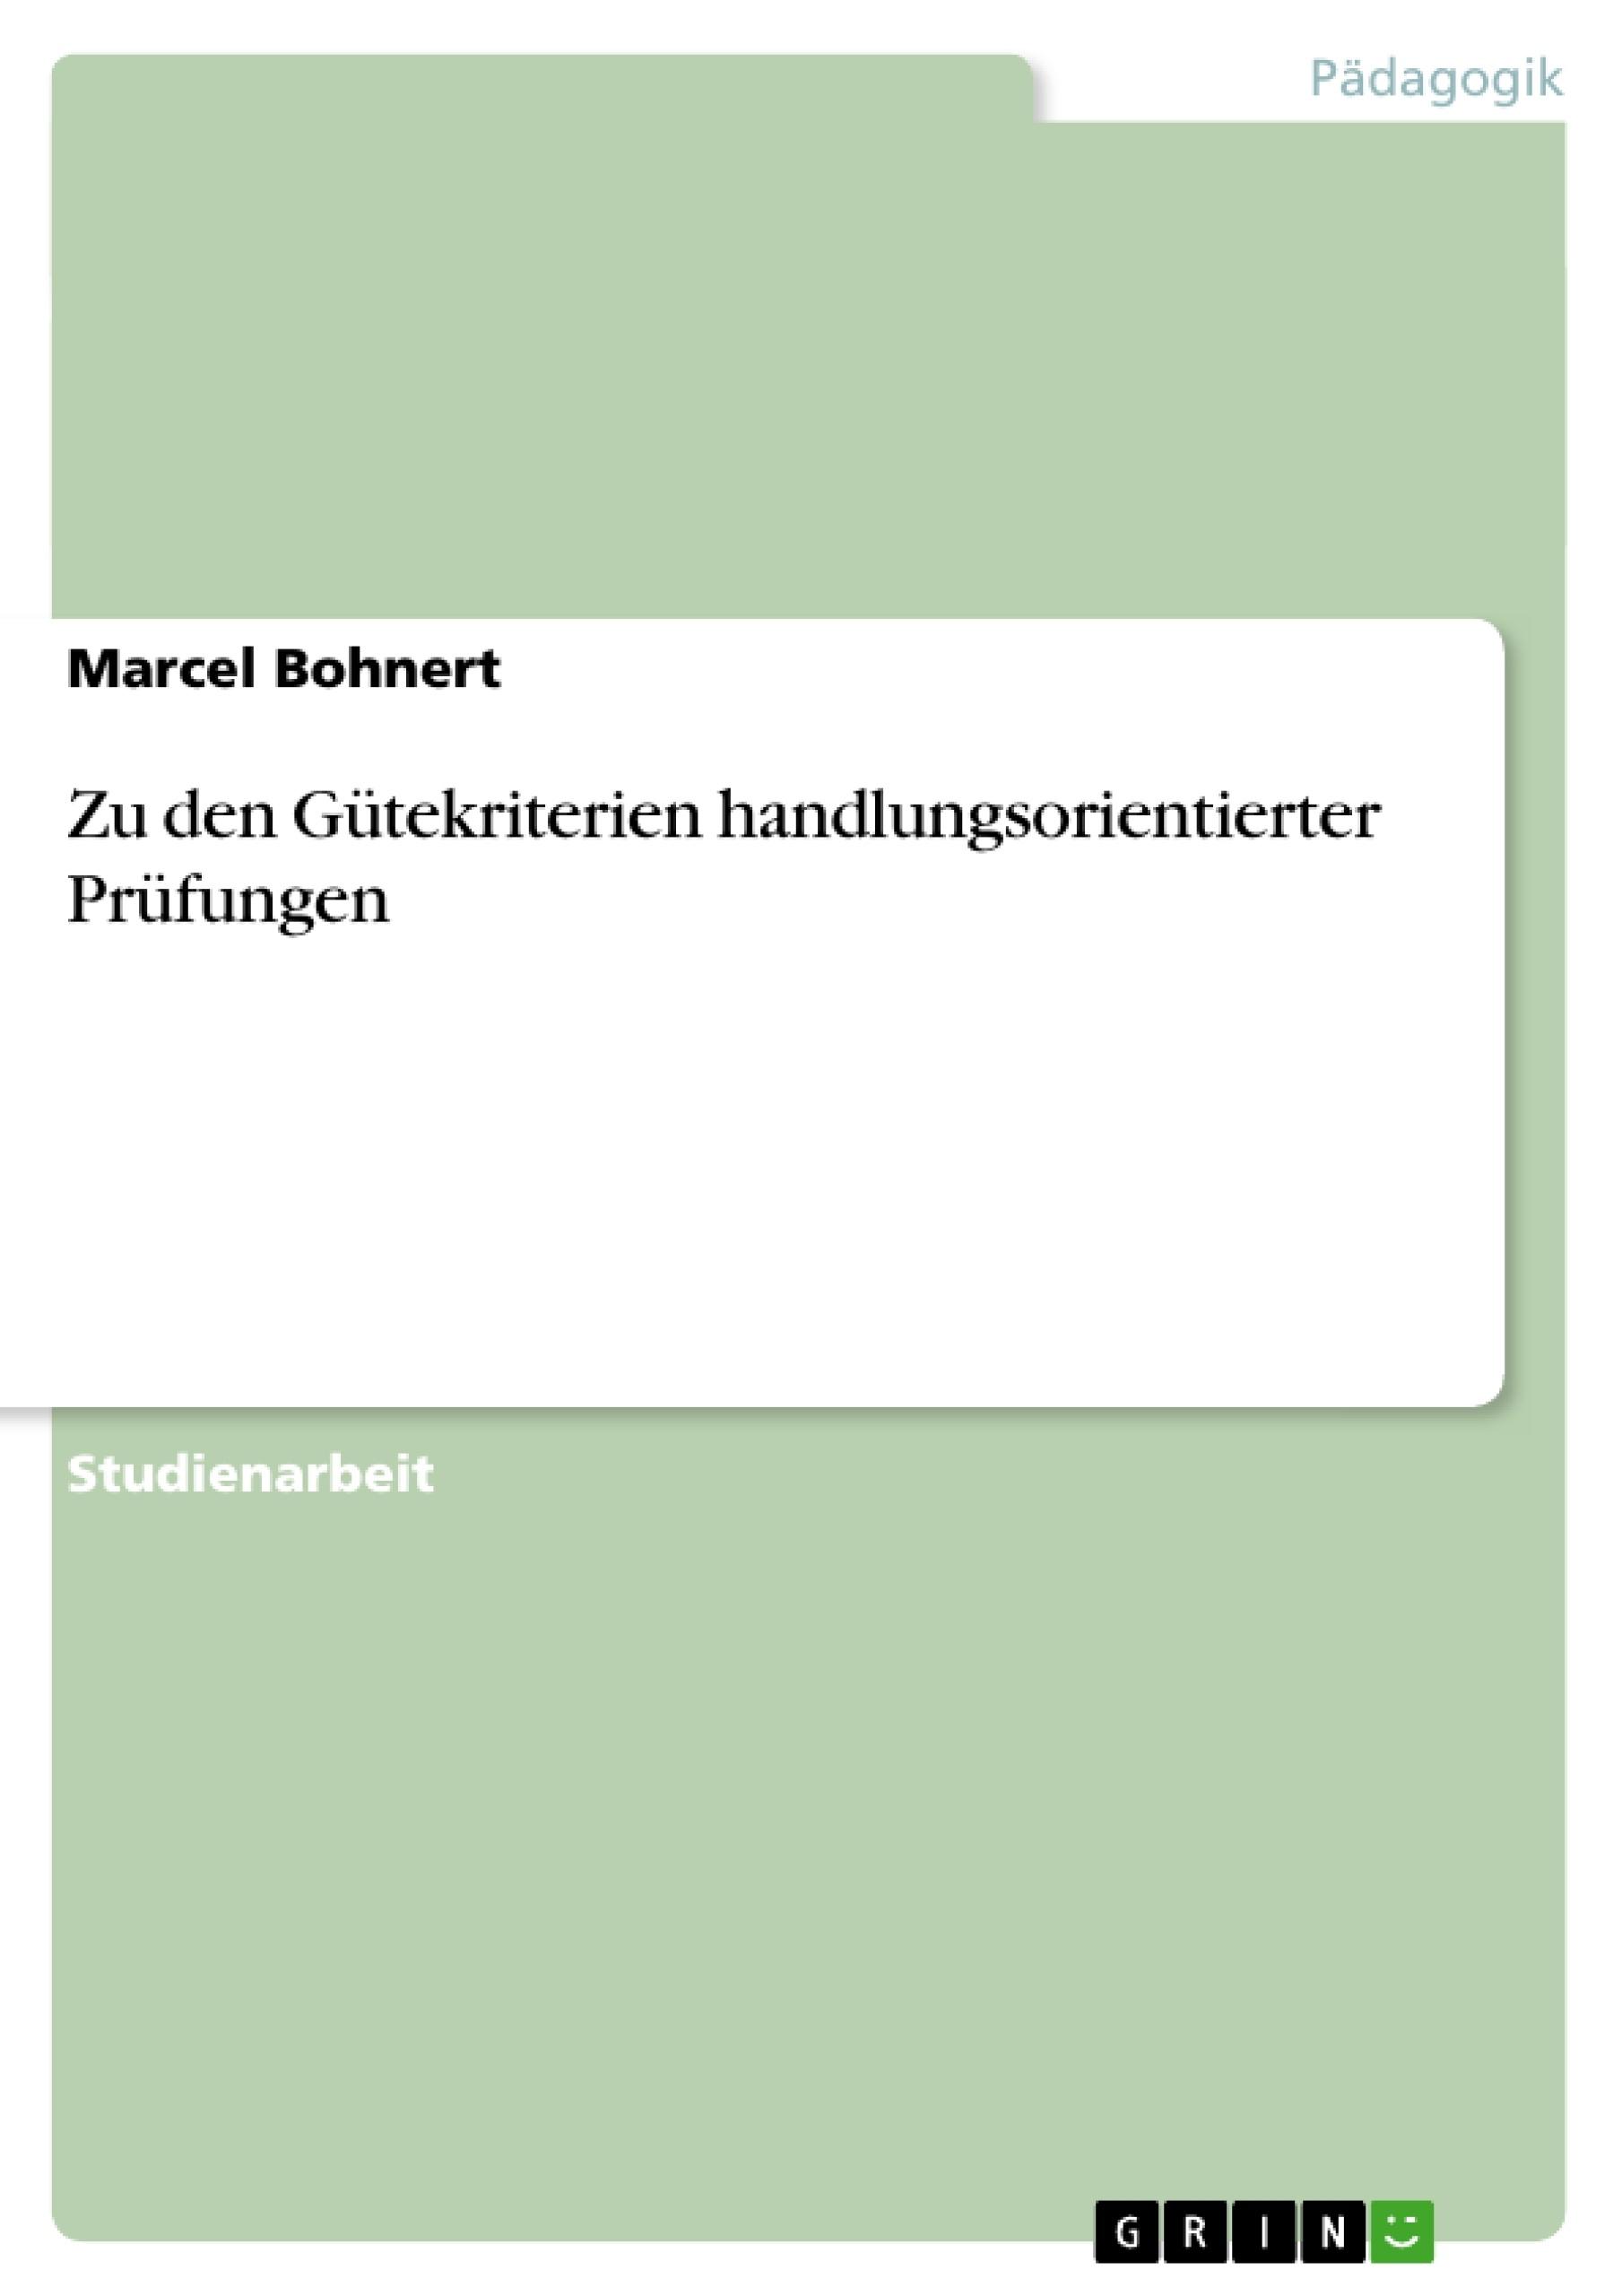 Titel: Zu den Gütekriterien handlungsorientierter Prüfungen